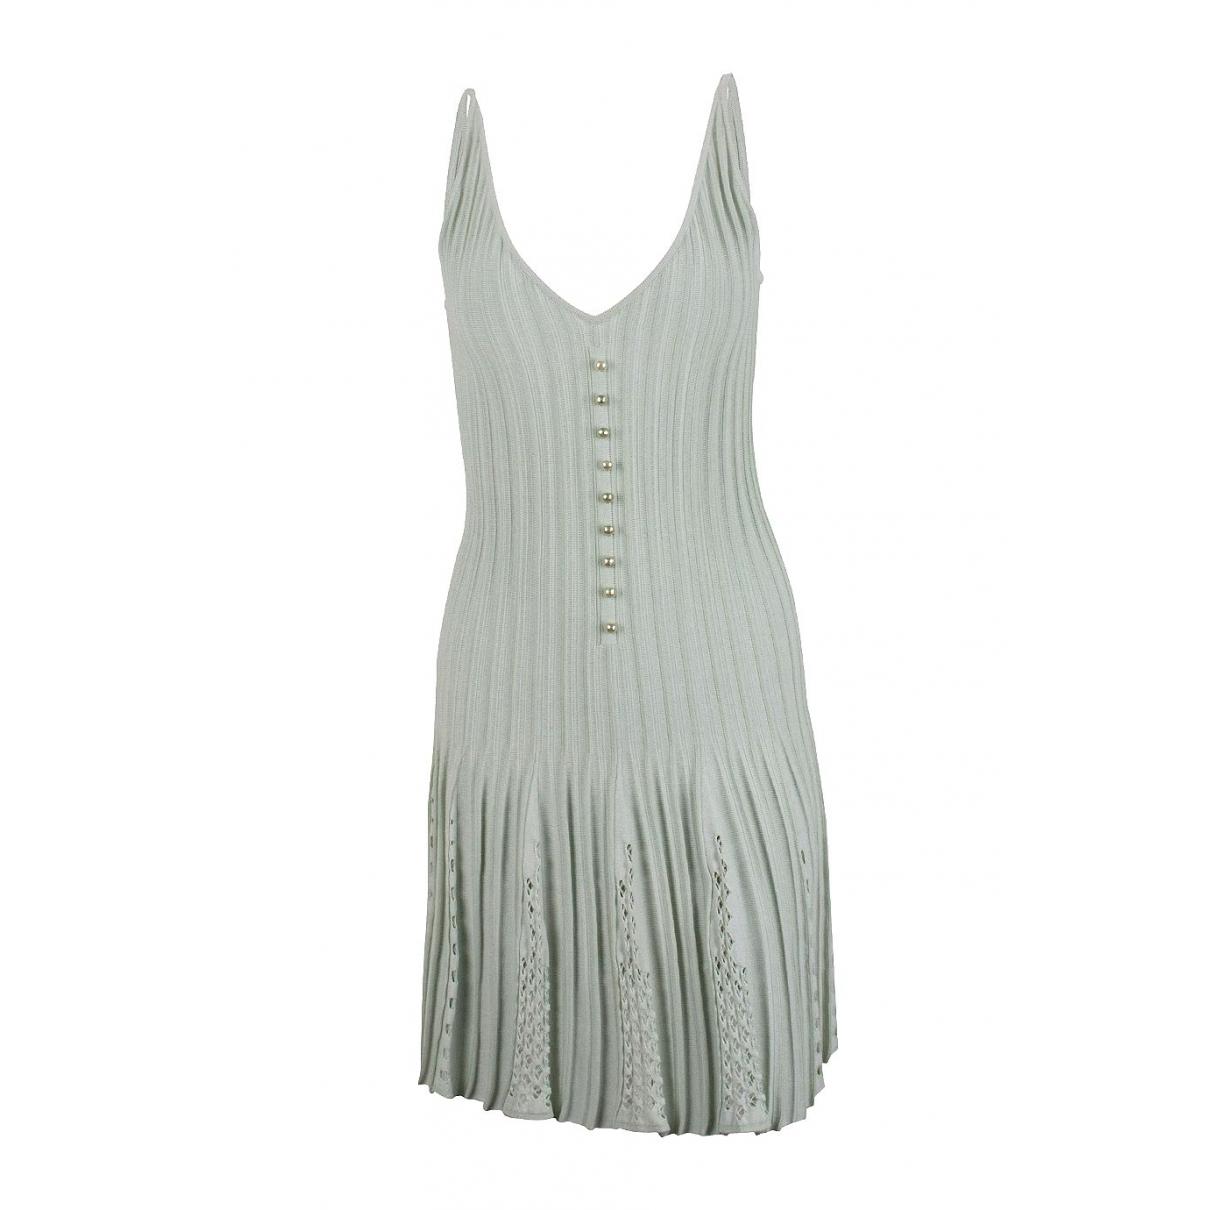 Chanel \N Kleid in  Grau Baumwolle